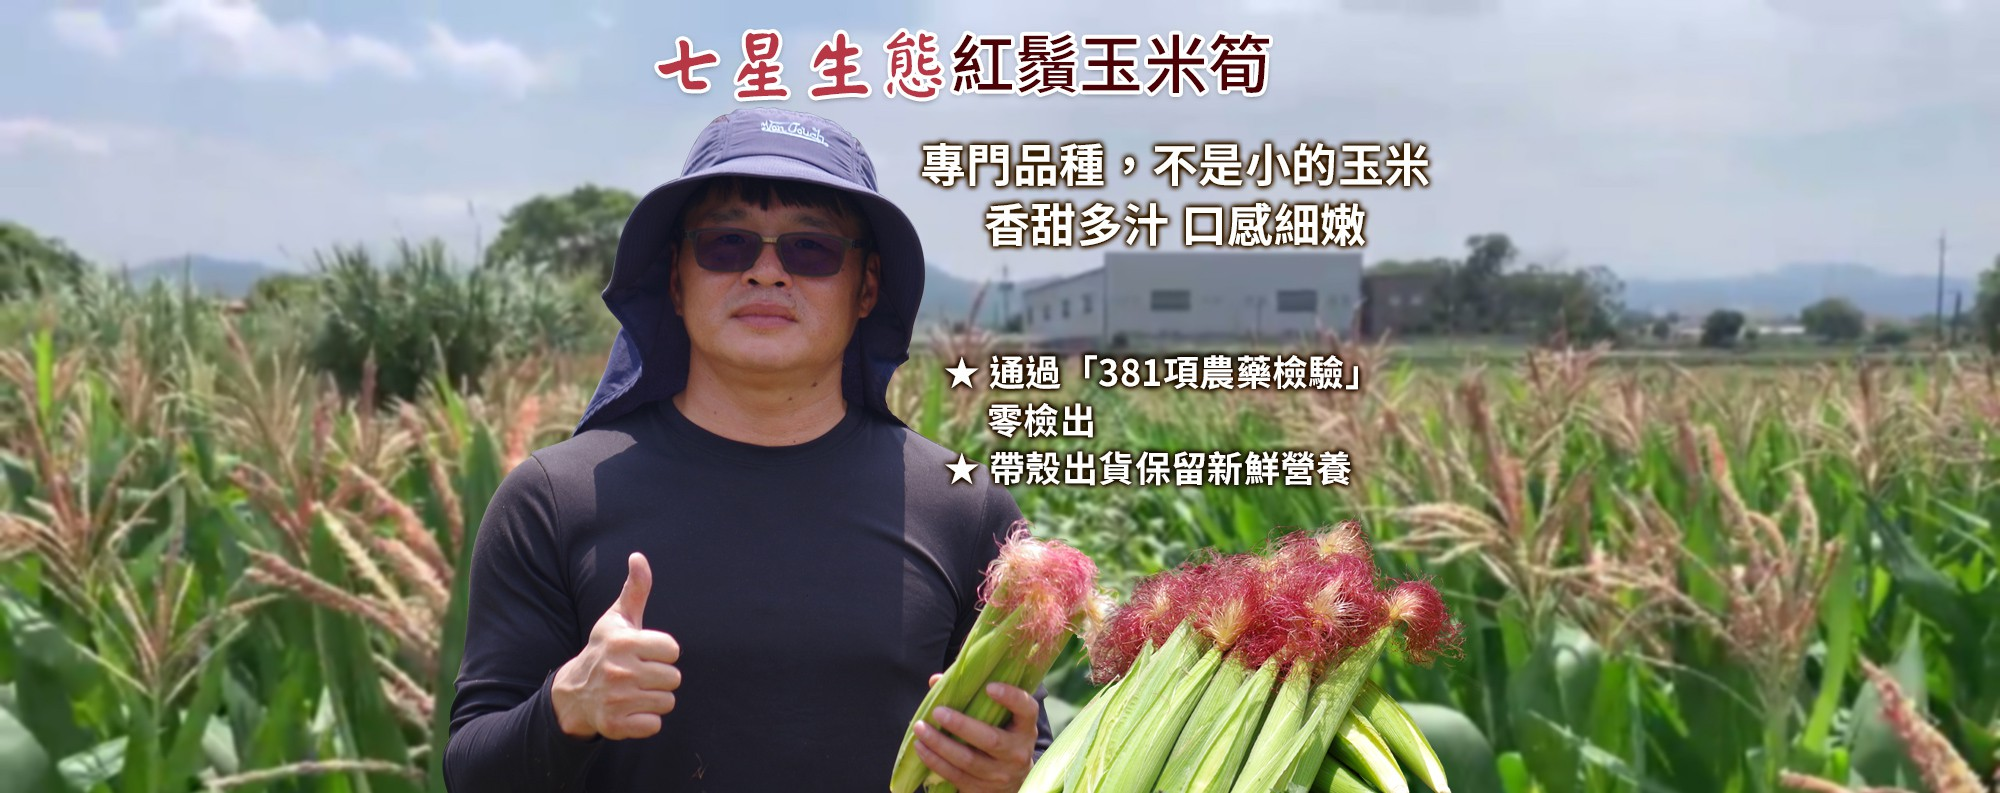 【七星生態】紅鬚玉米筍